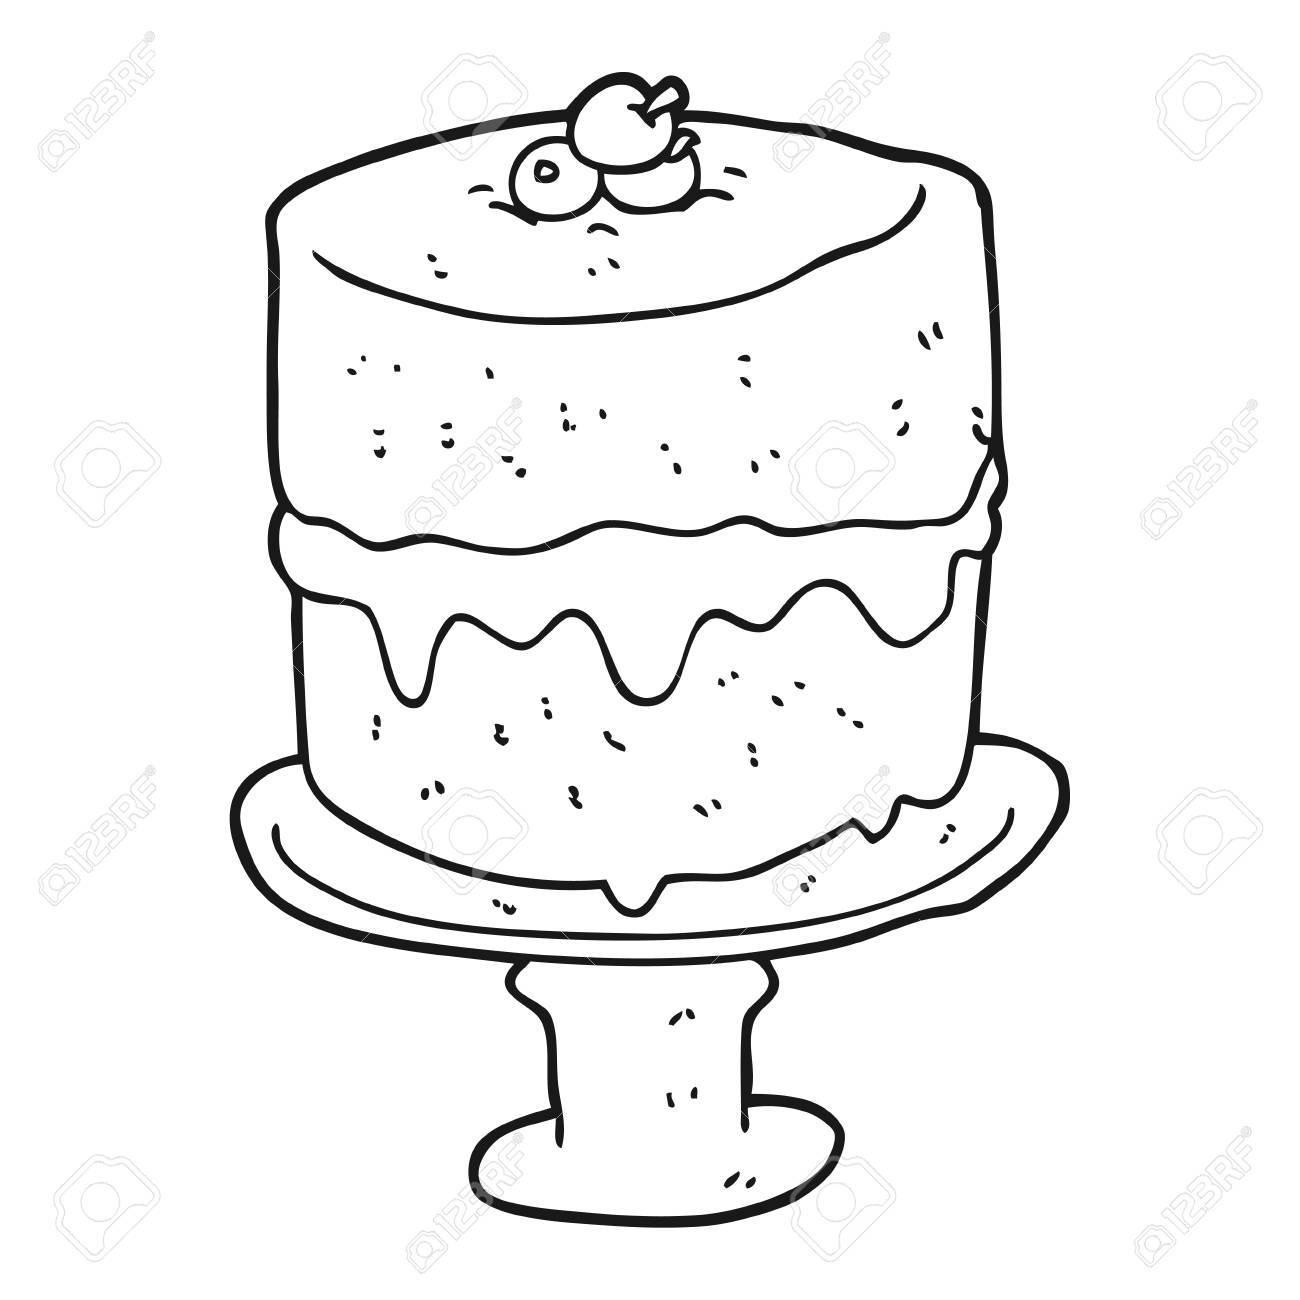 Freihand Gezeichnete Schwarz-weiß Cartoon Kuchen Lizenzfrei Nutzbare ...